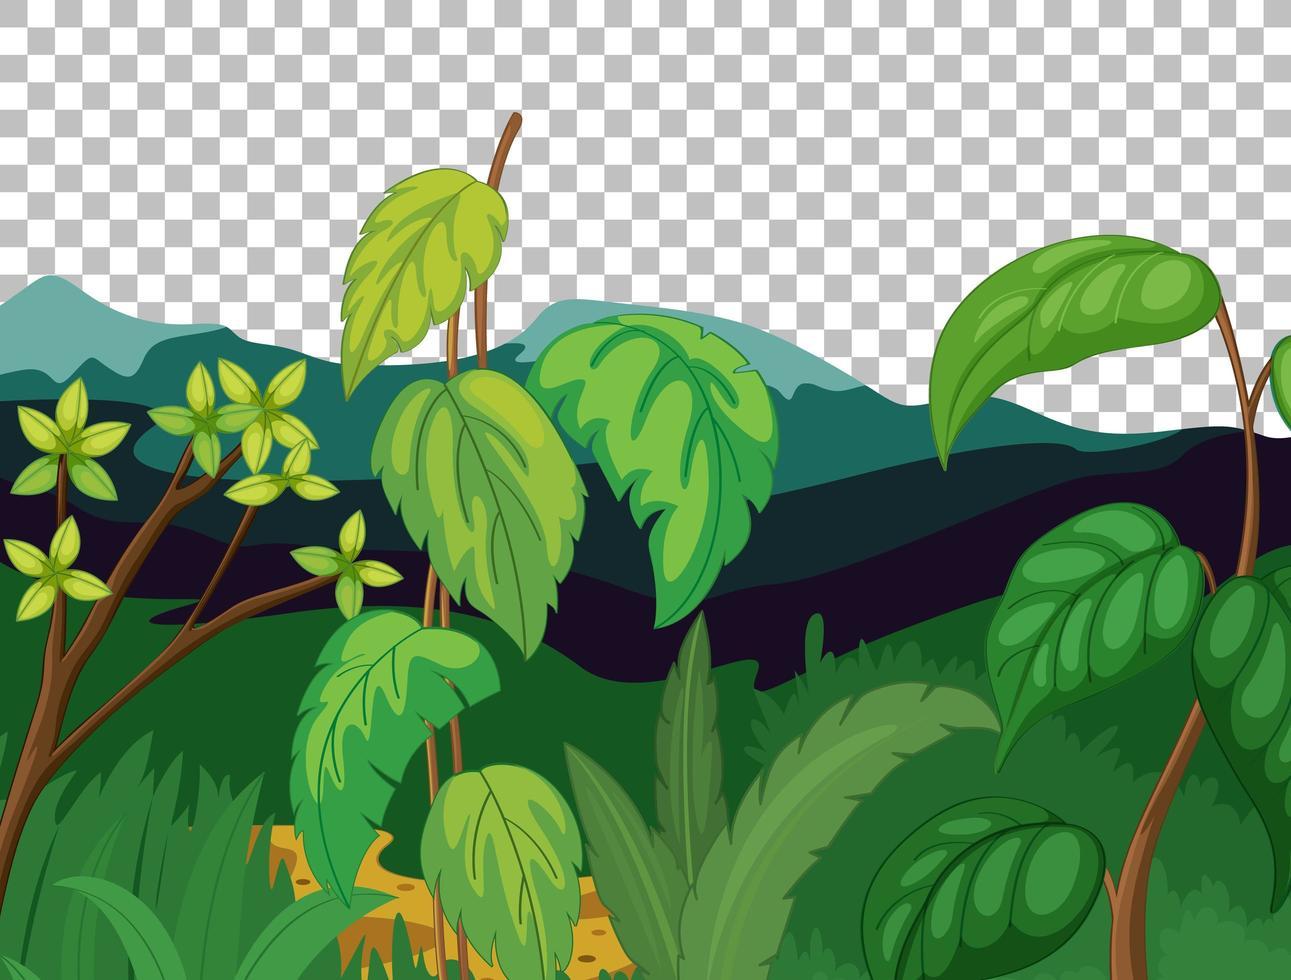 fond transparent de paysage extérieur nature vecteur